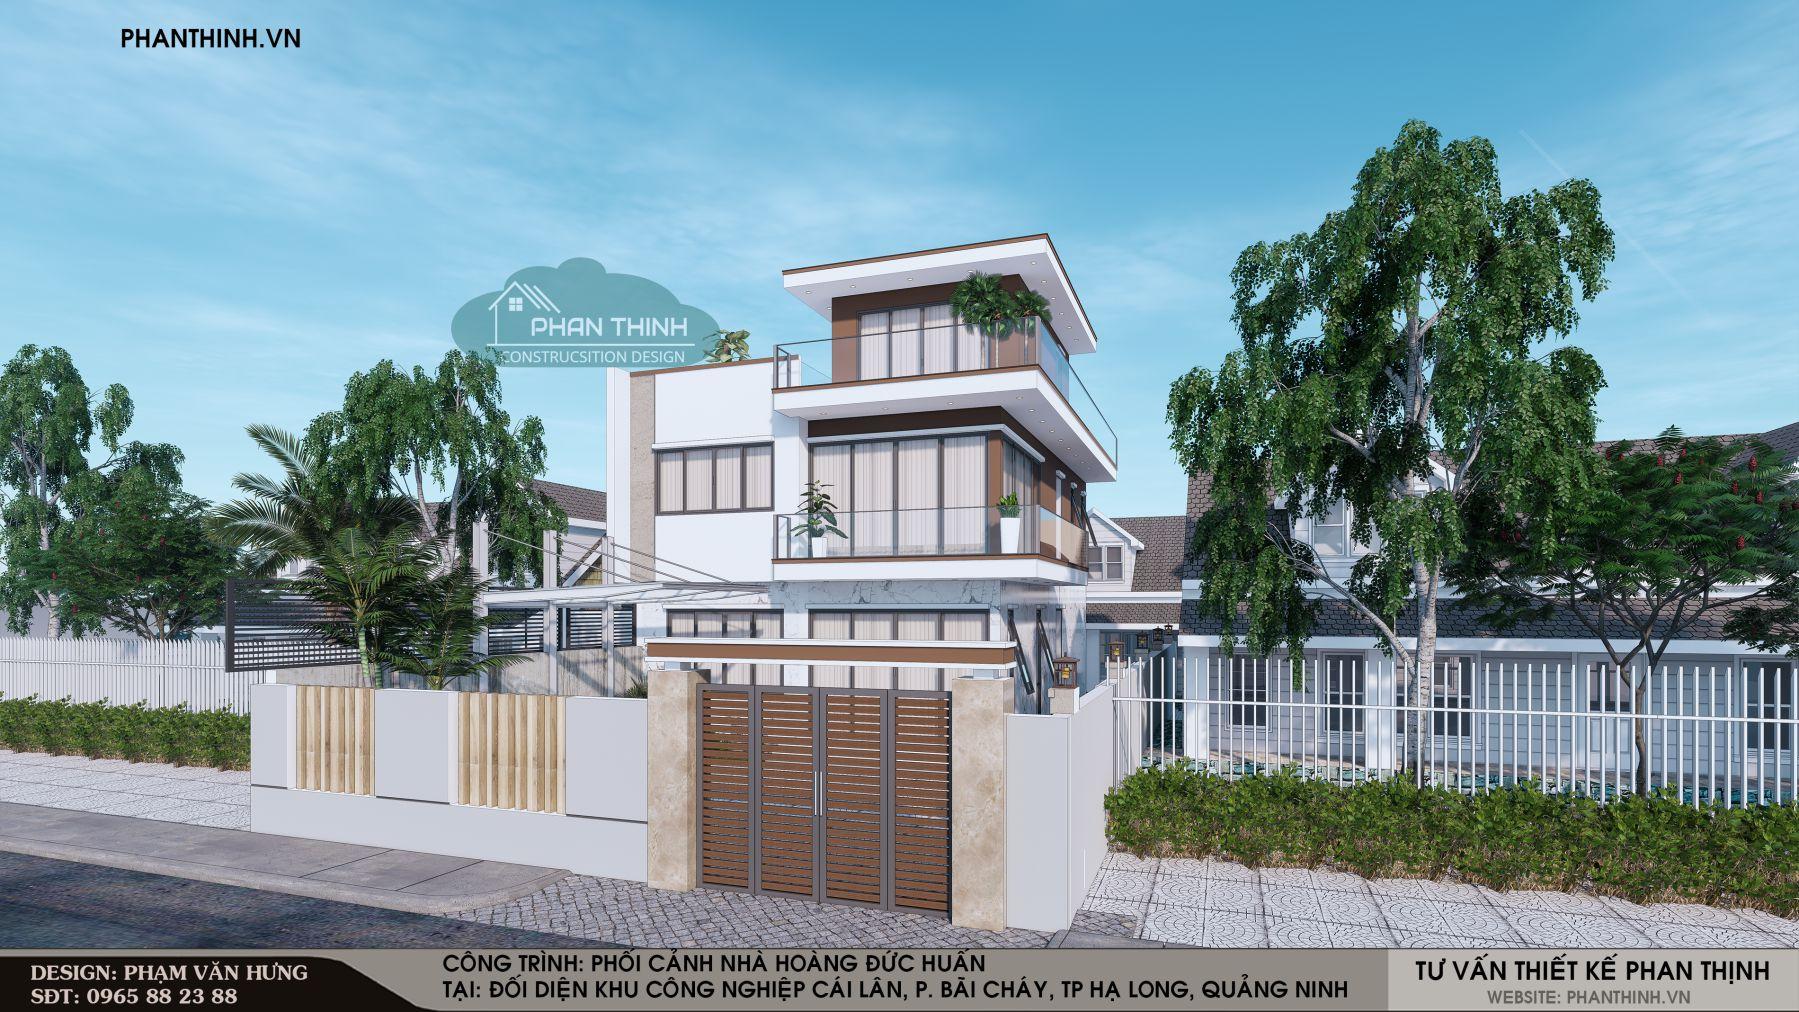 Mẫu mặt tiền căn biệt thự 3 tầng hiện đại rộng 9m tại Cái Lân Bãi Cháy, Quảng Ninh